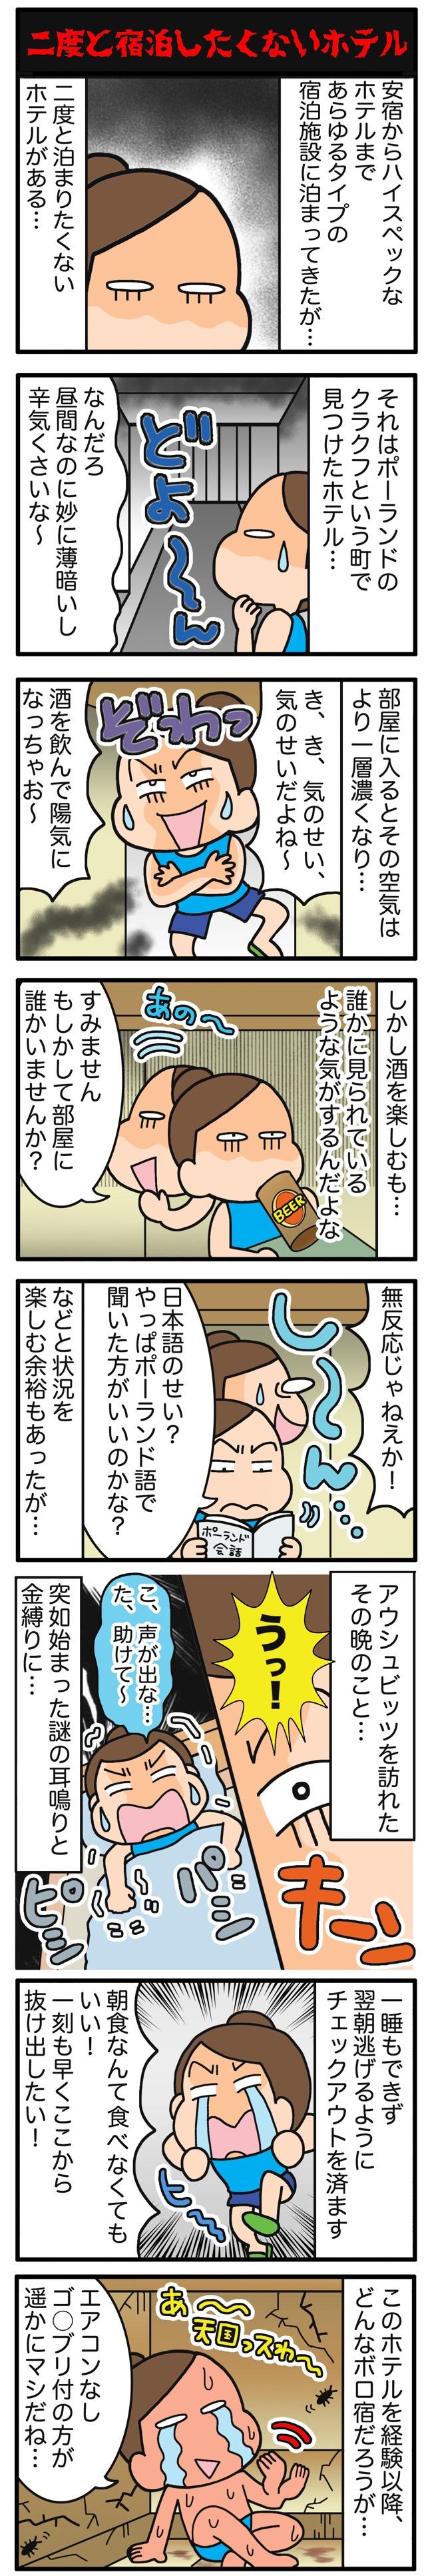 【漫画で世界旅気分】第3話「二度と宿泊したくないホテル」